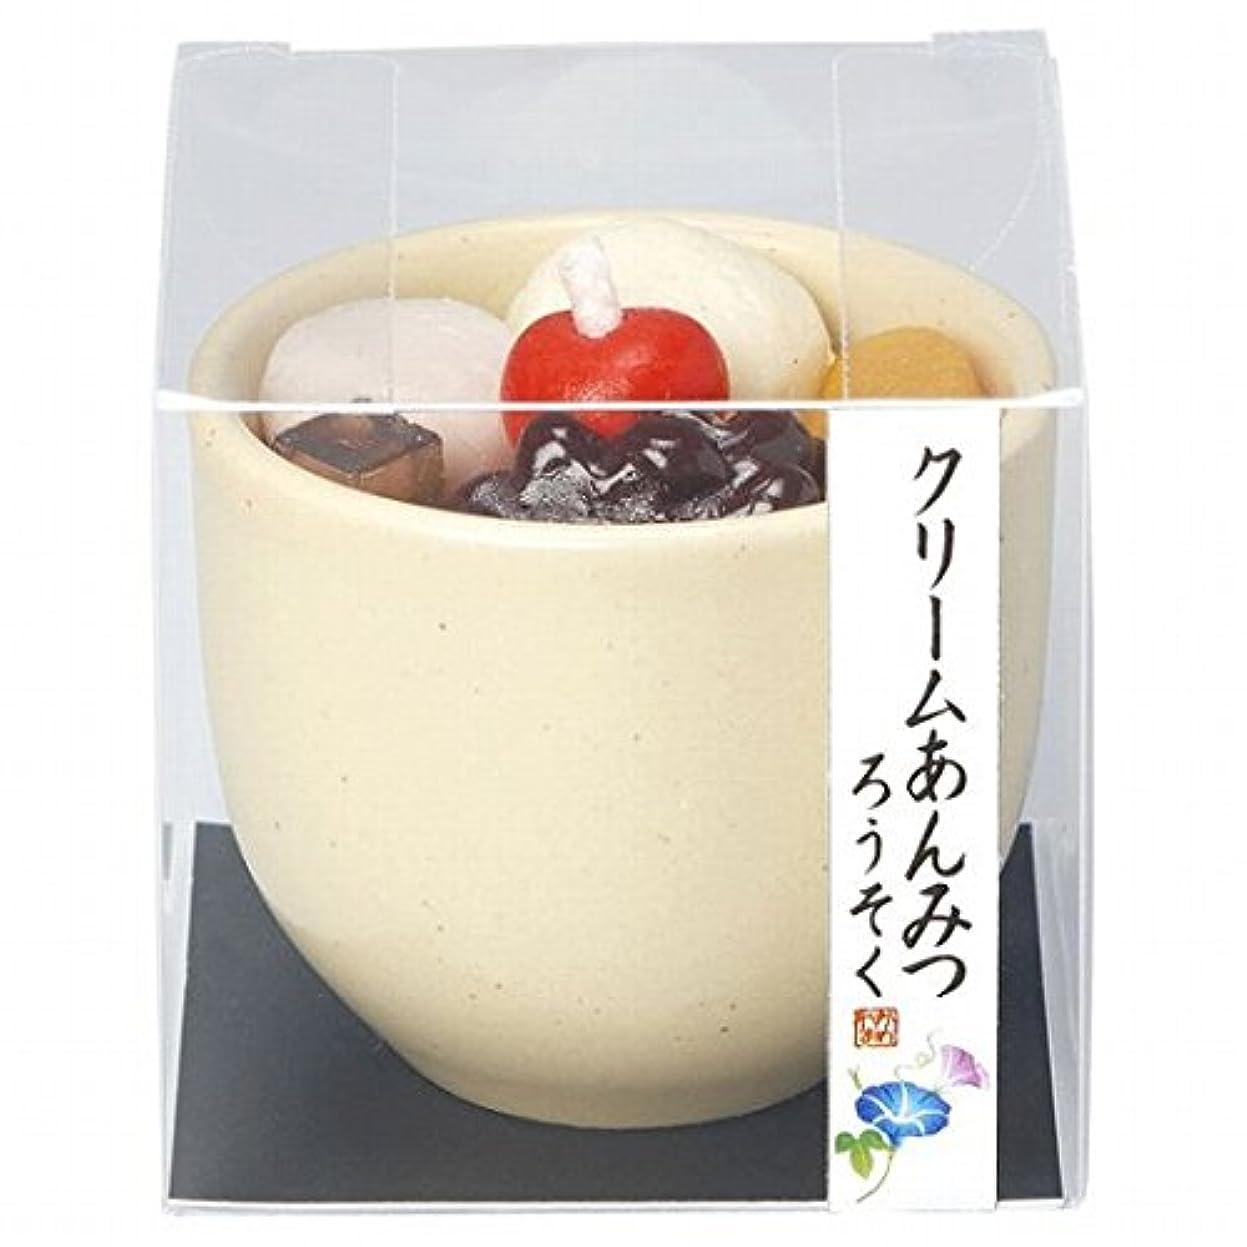 恐れる粗い好きカメヤマキャンドル( kameyama candle ) クリームあんみつキャンドル